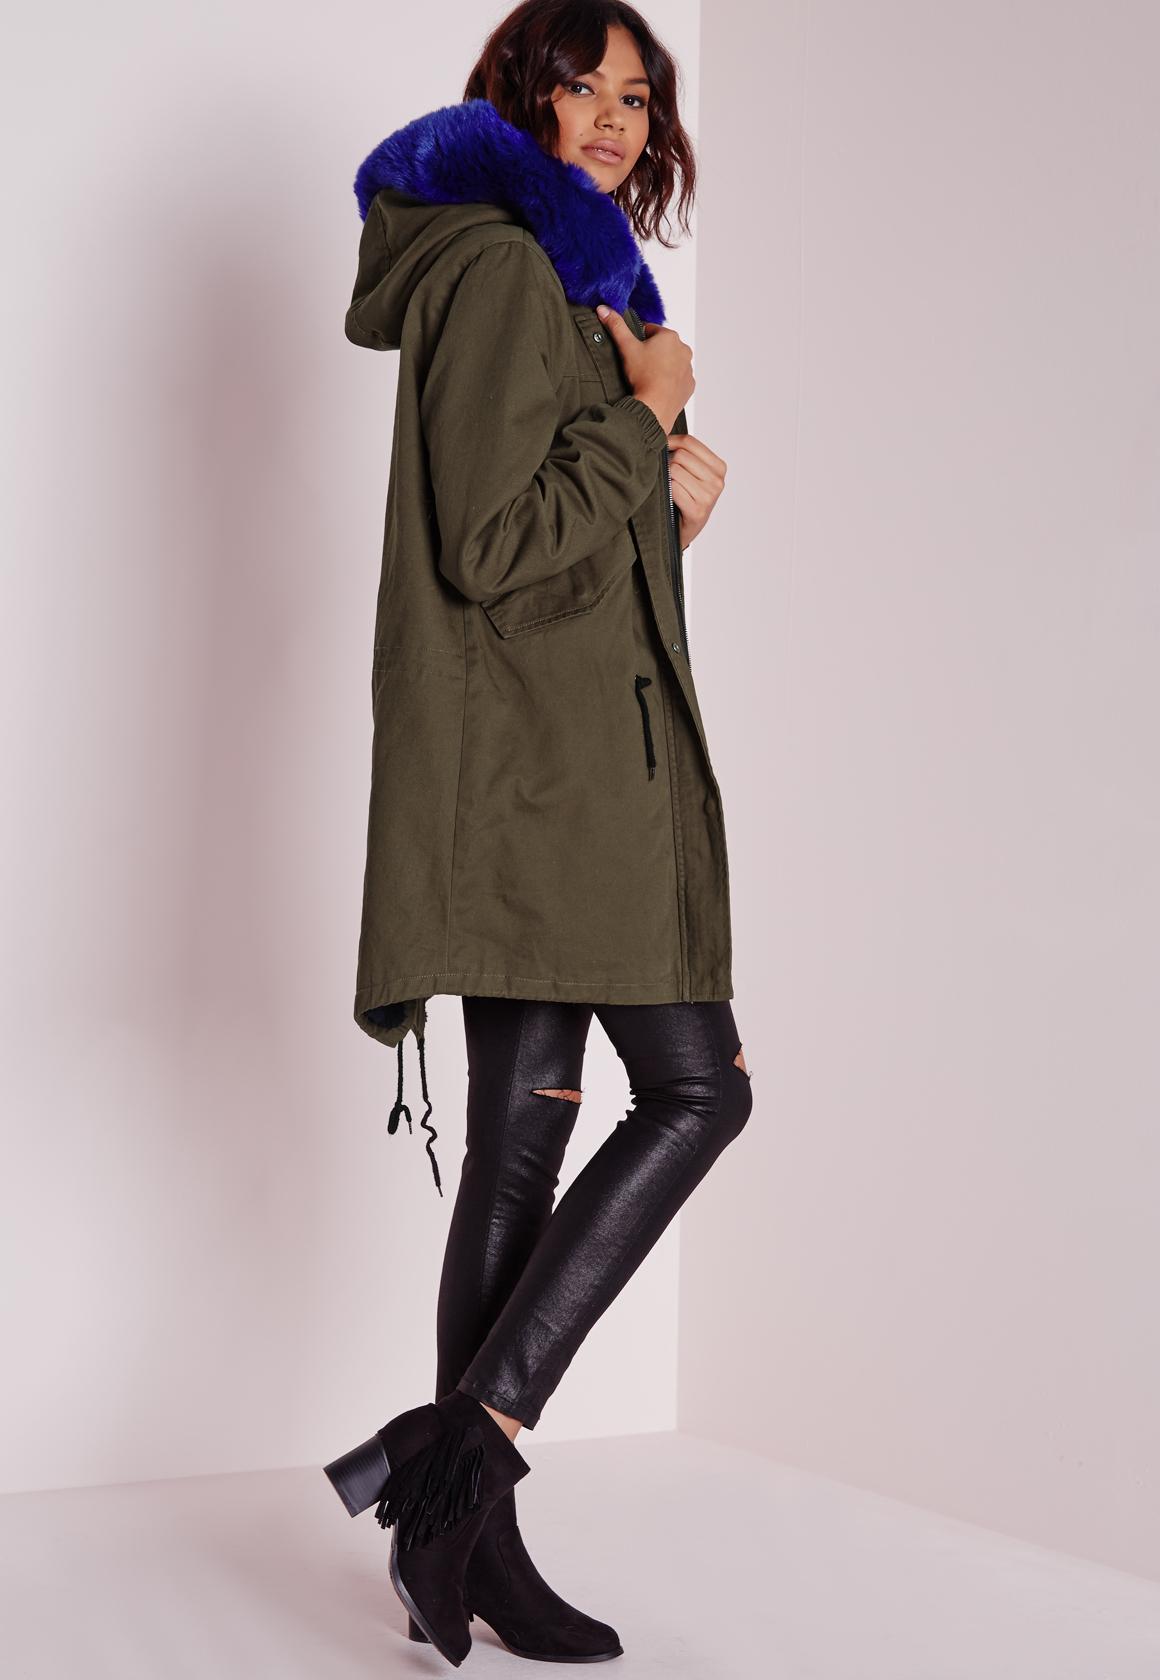 Khaki parka jacket fashion